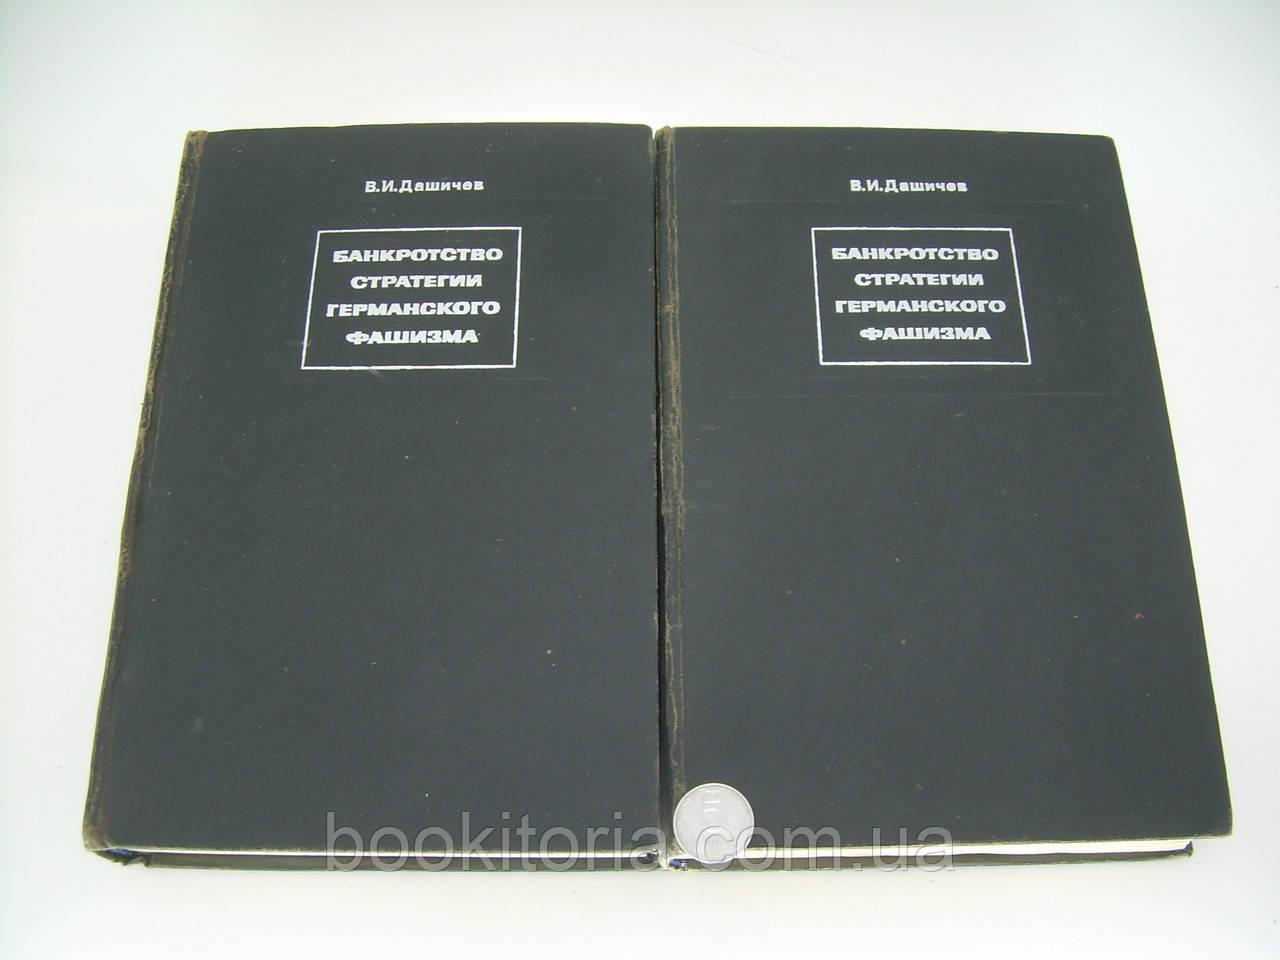 Дашичев В.И. Банкротство стратегии германского фашизма. В двух томах (б/у).